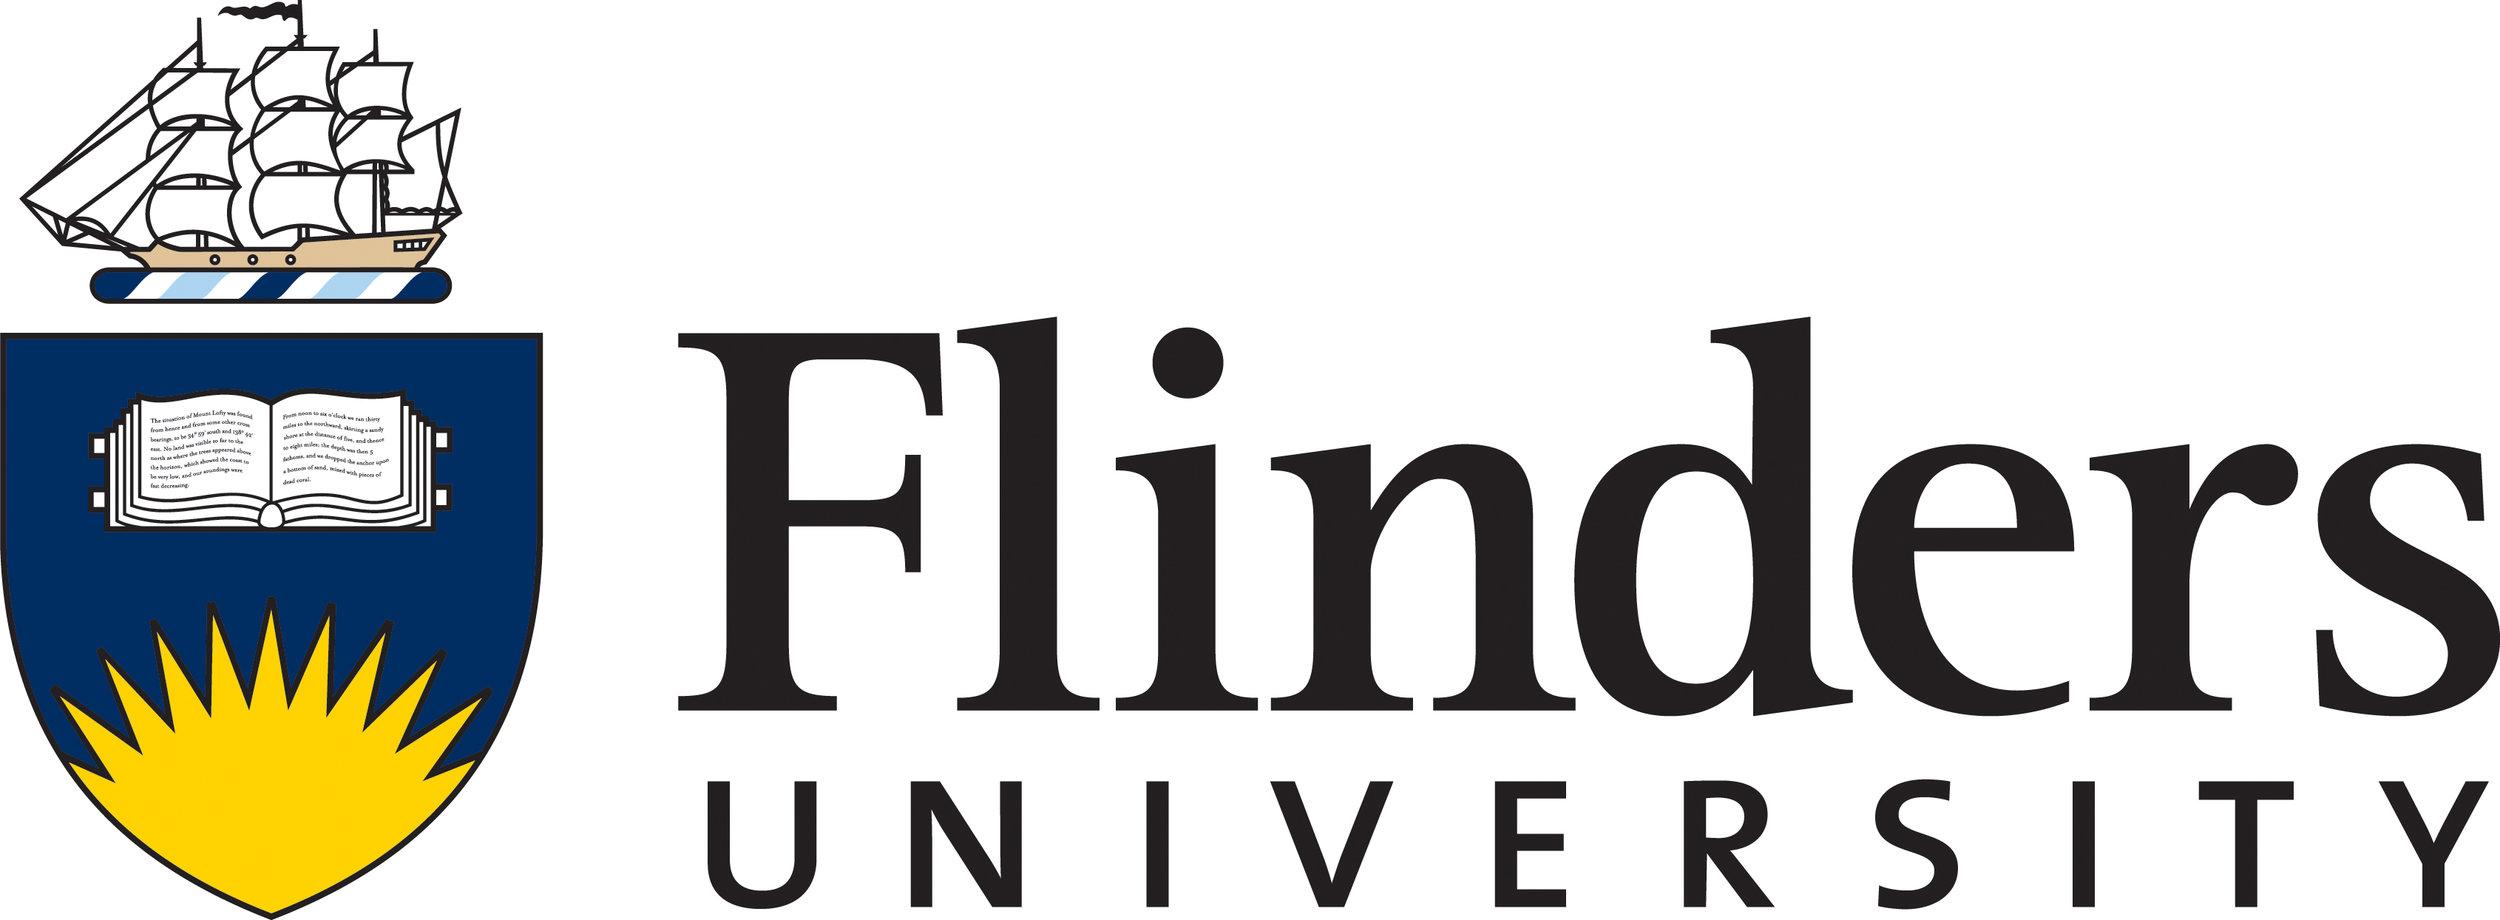 Flinders-Uni-Logo.jpg